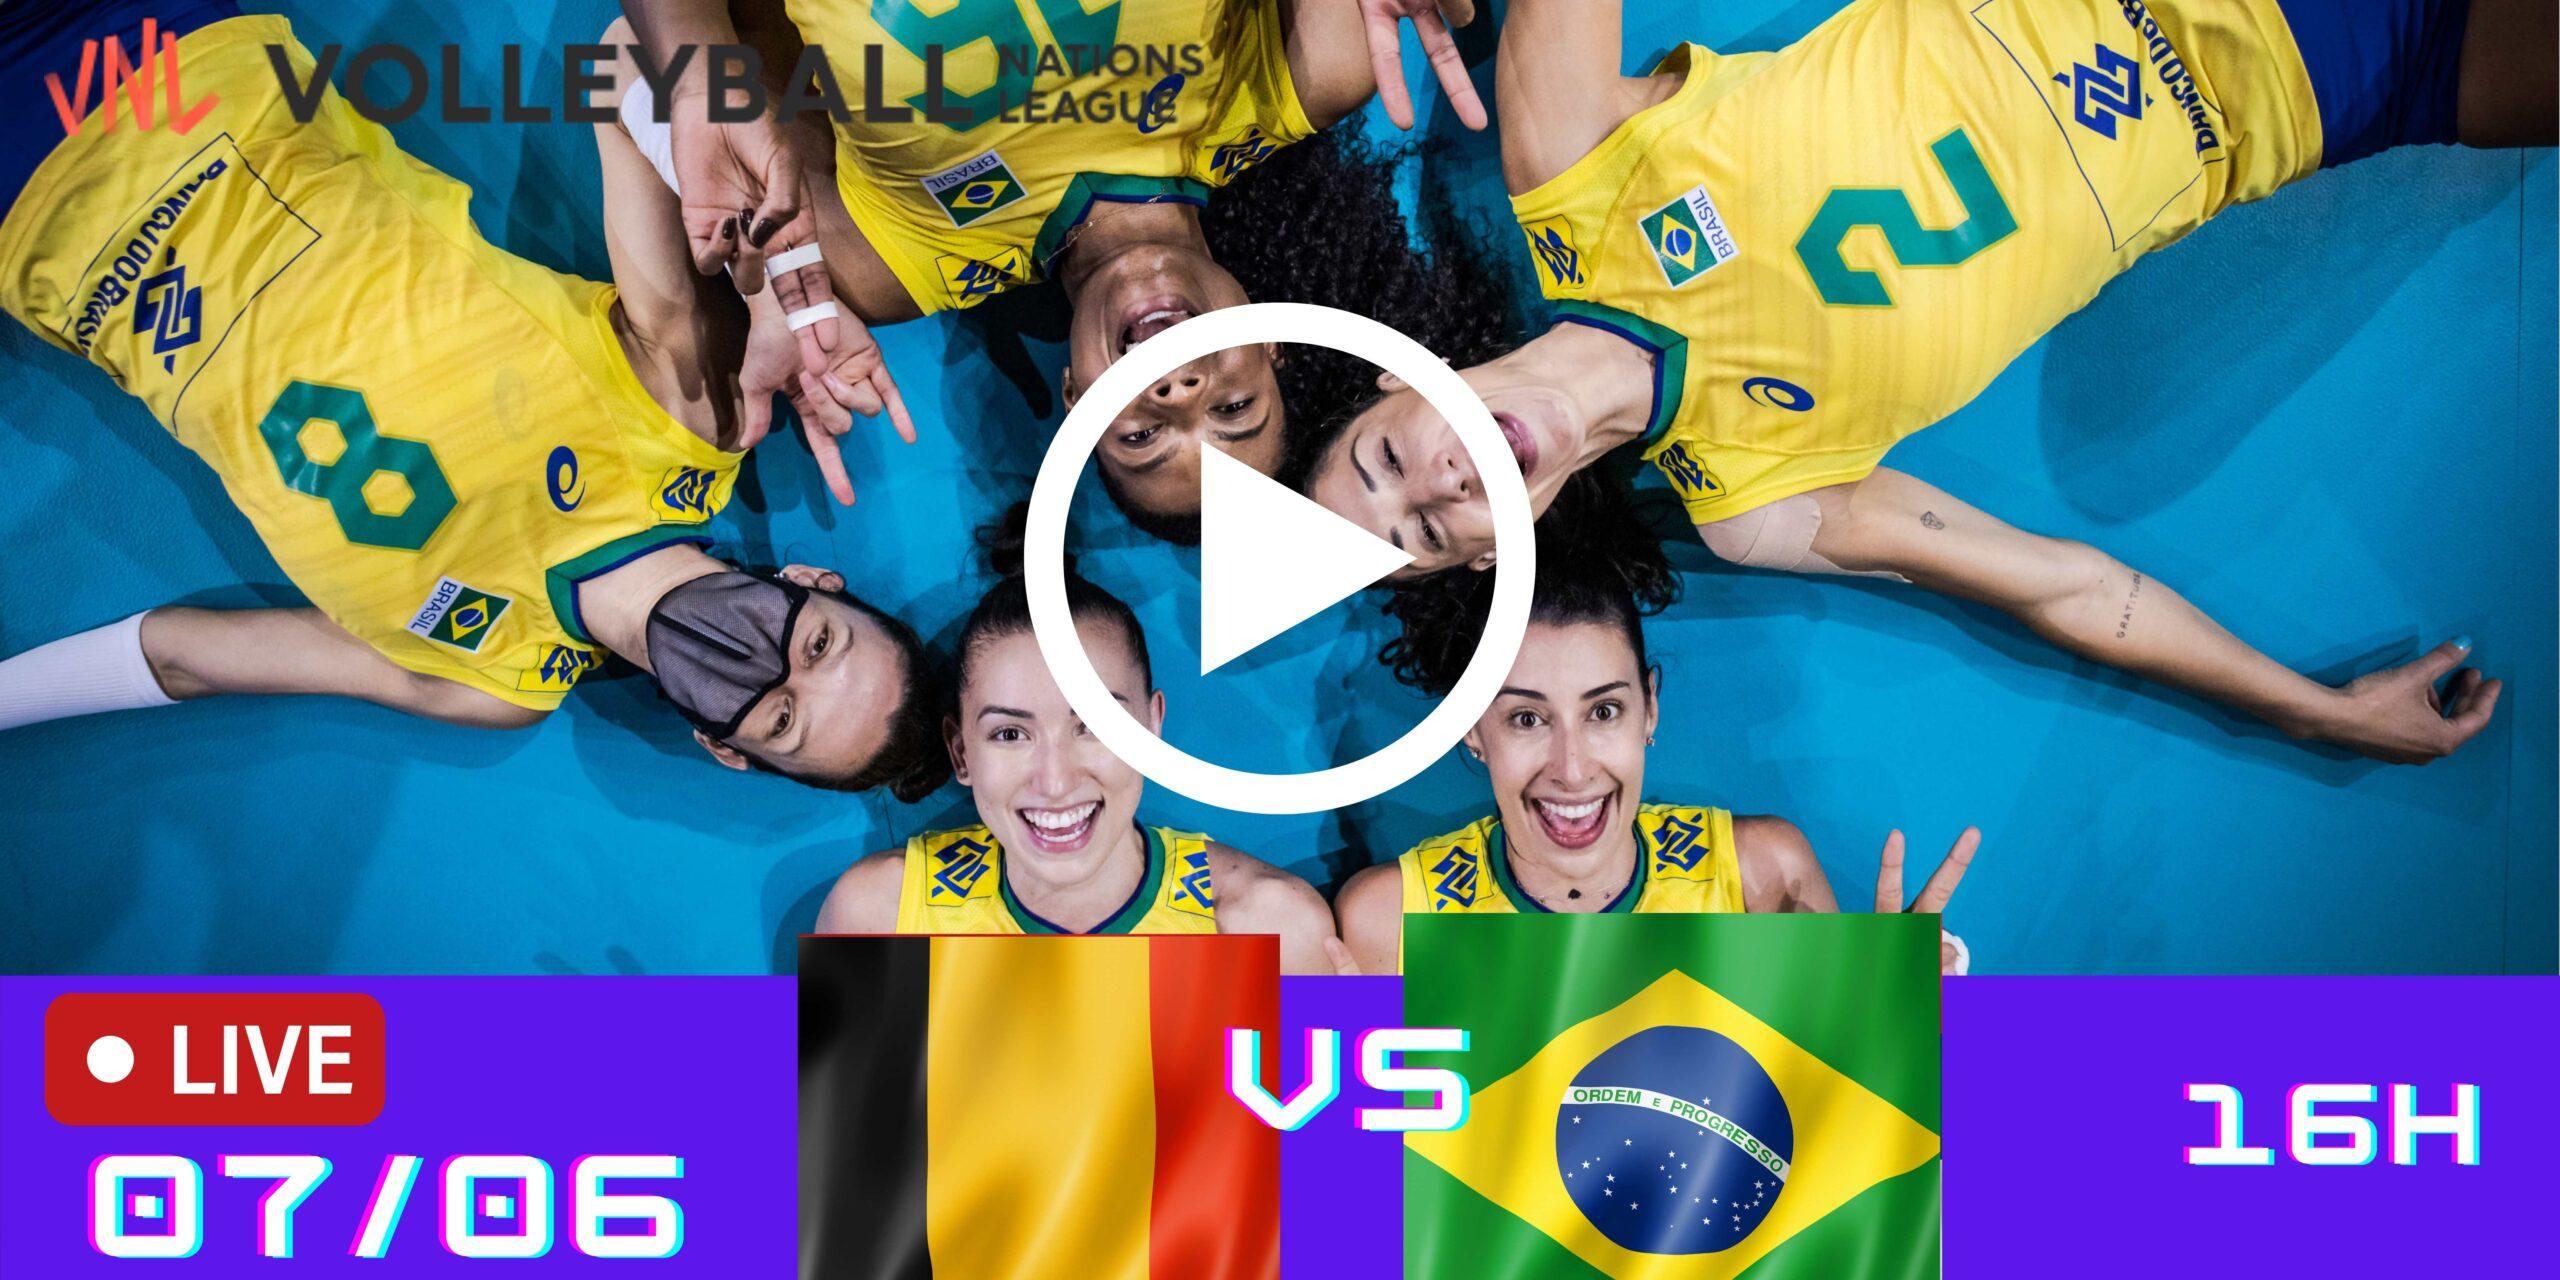 Gravado: Bélgica vs Brasil – Liga das Nações – 07/06/2021